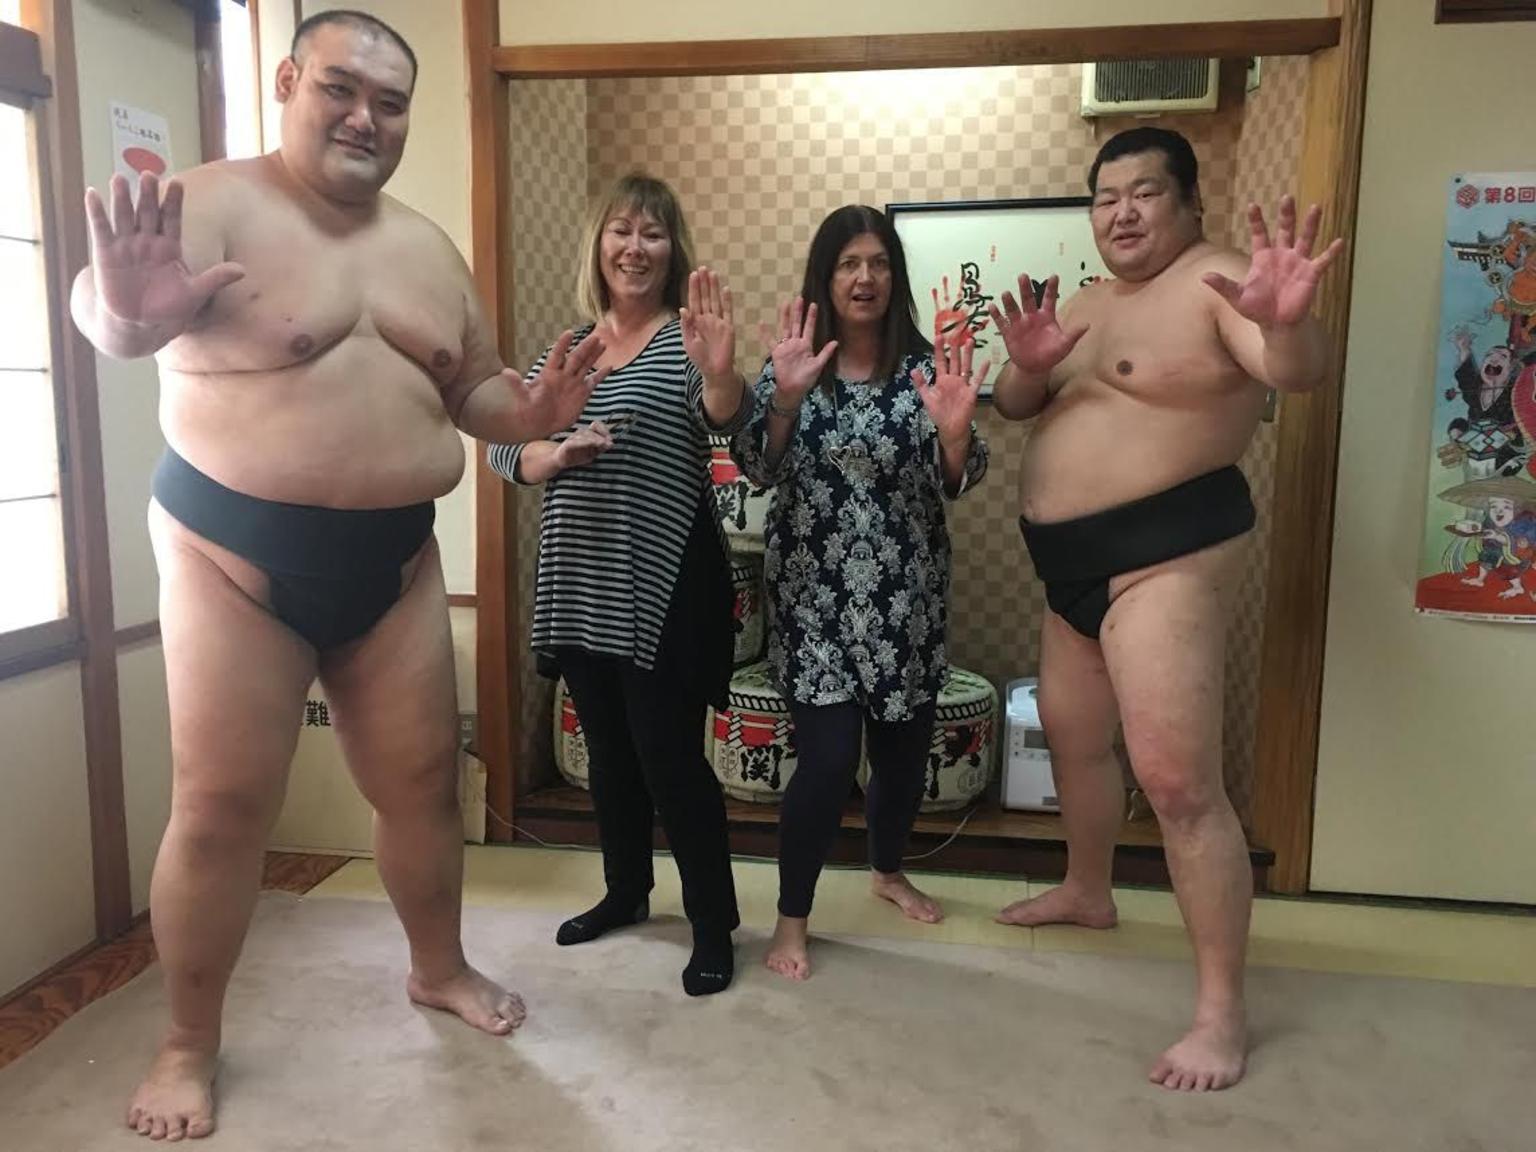 MÁS FOTOS, Desafíe a los luchadores de sumo y disfrute de un almuerzo a base de chanko